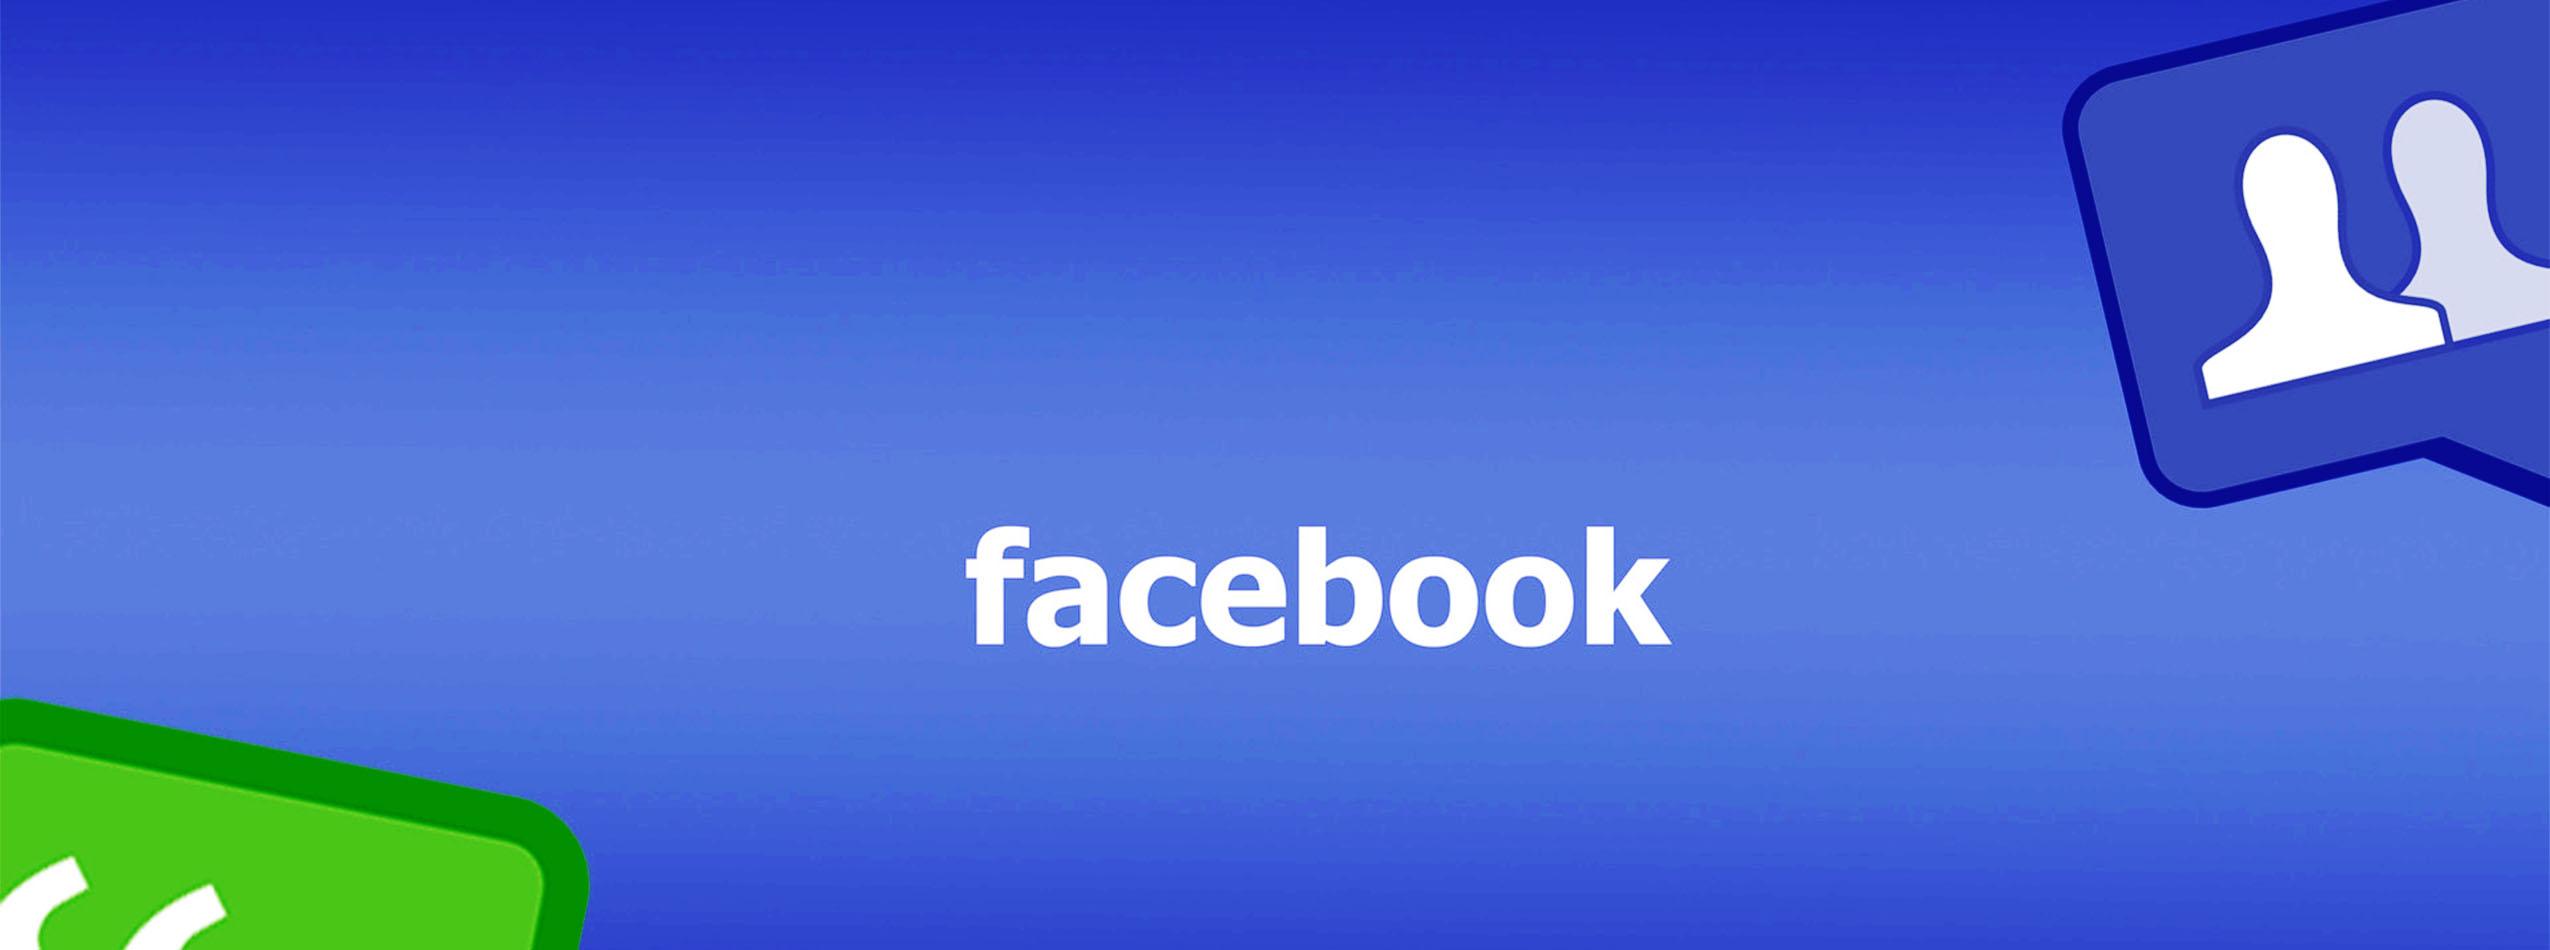 قوانین شبکههای اجتماعی برای فیسبوک حاکم است